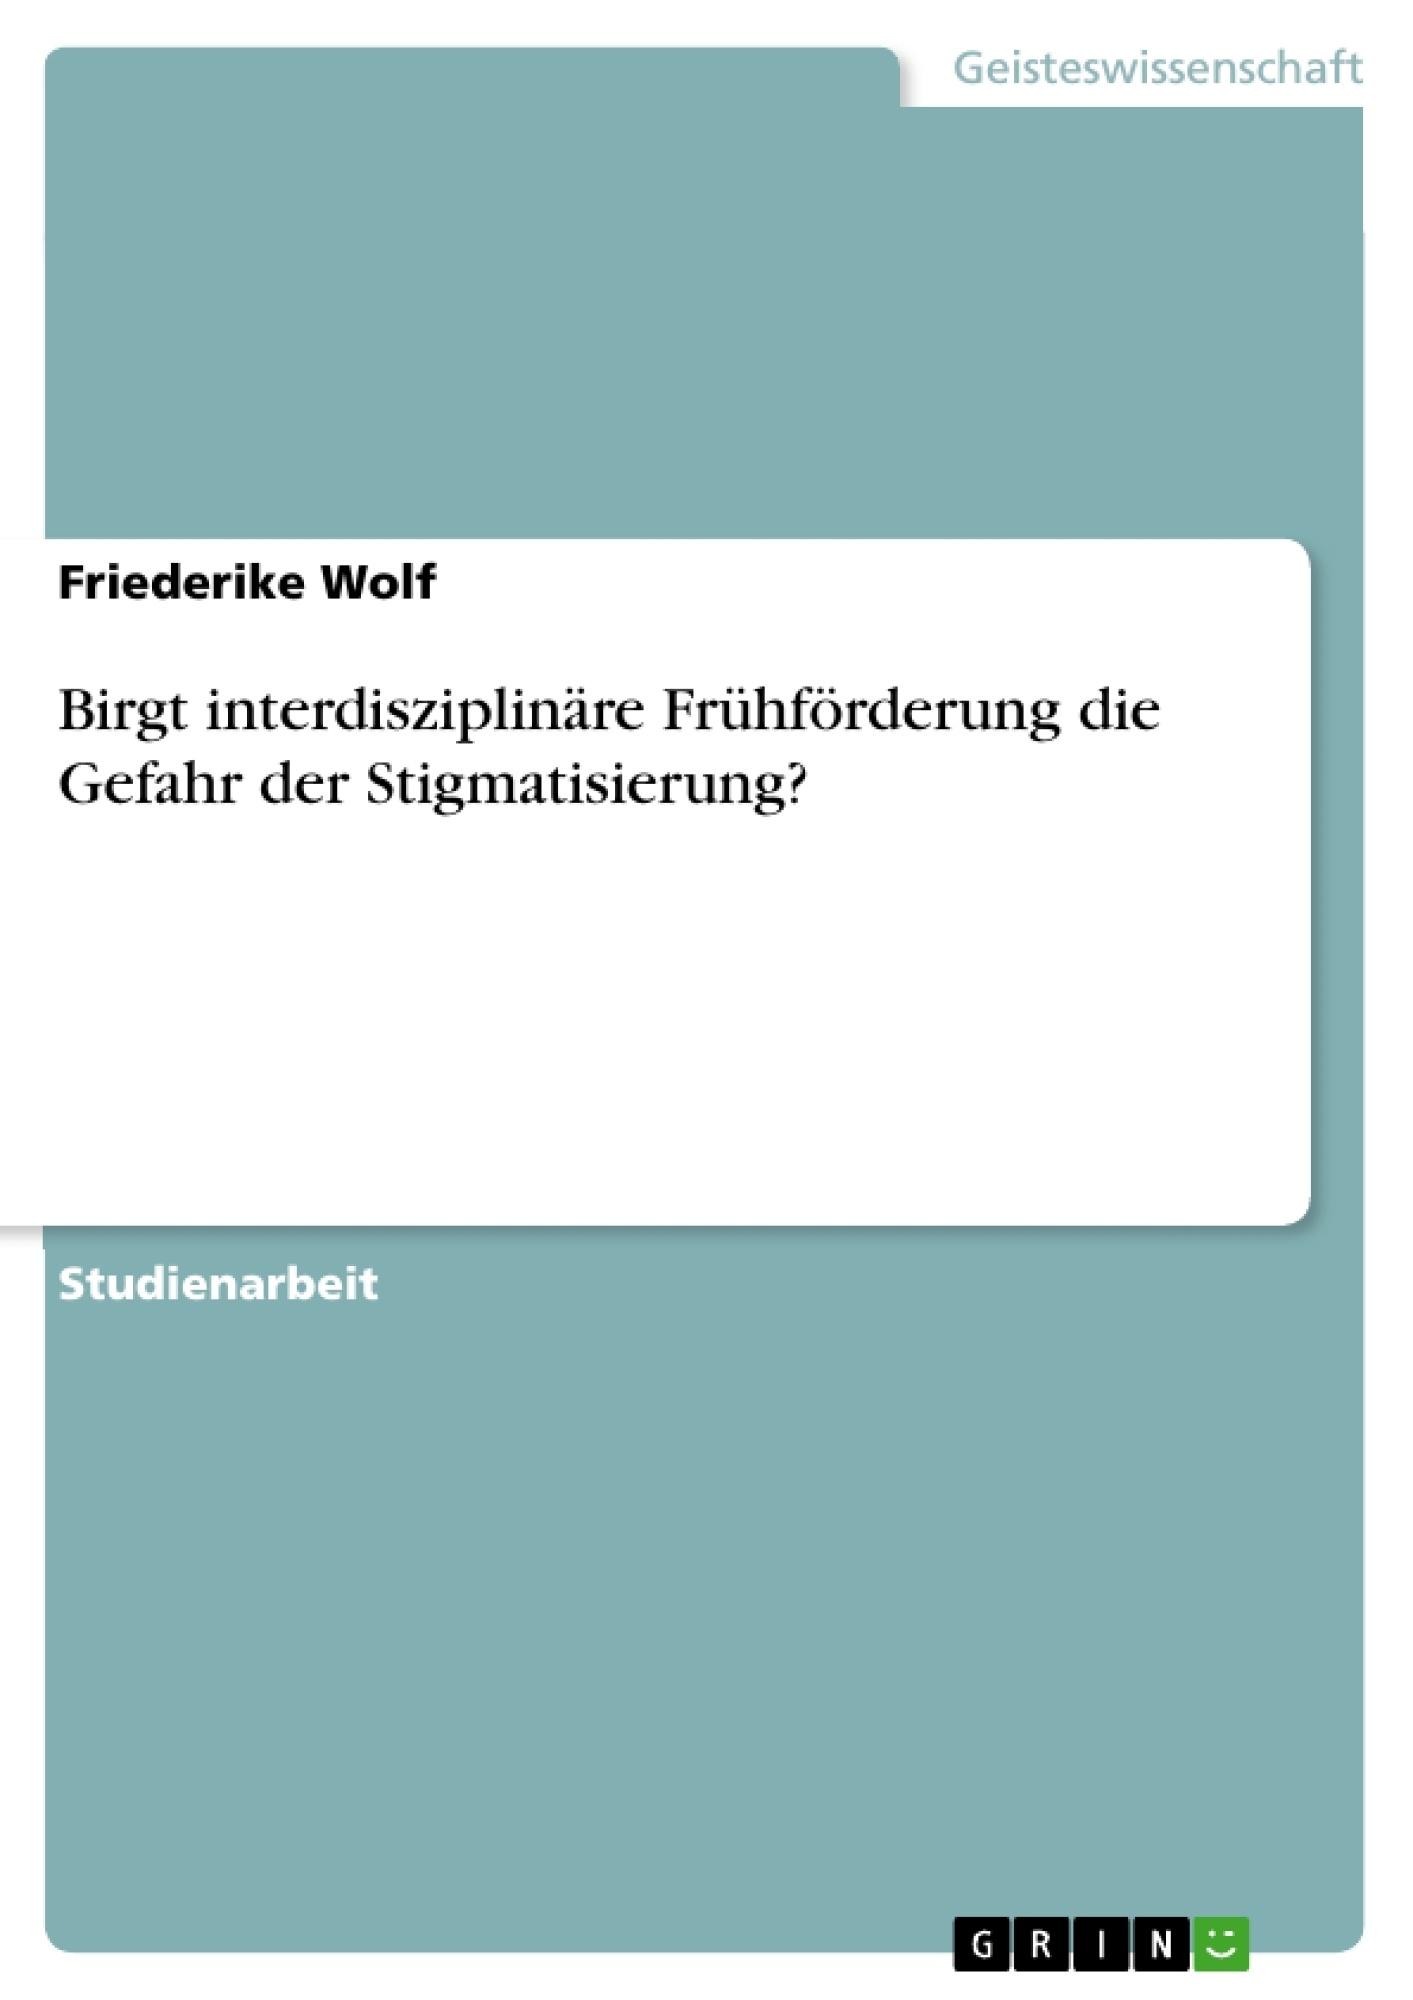 Titel: Birgt interdisziplinäre Frühförderung die Gefahr der Stigmatisierung?